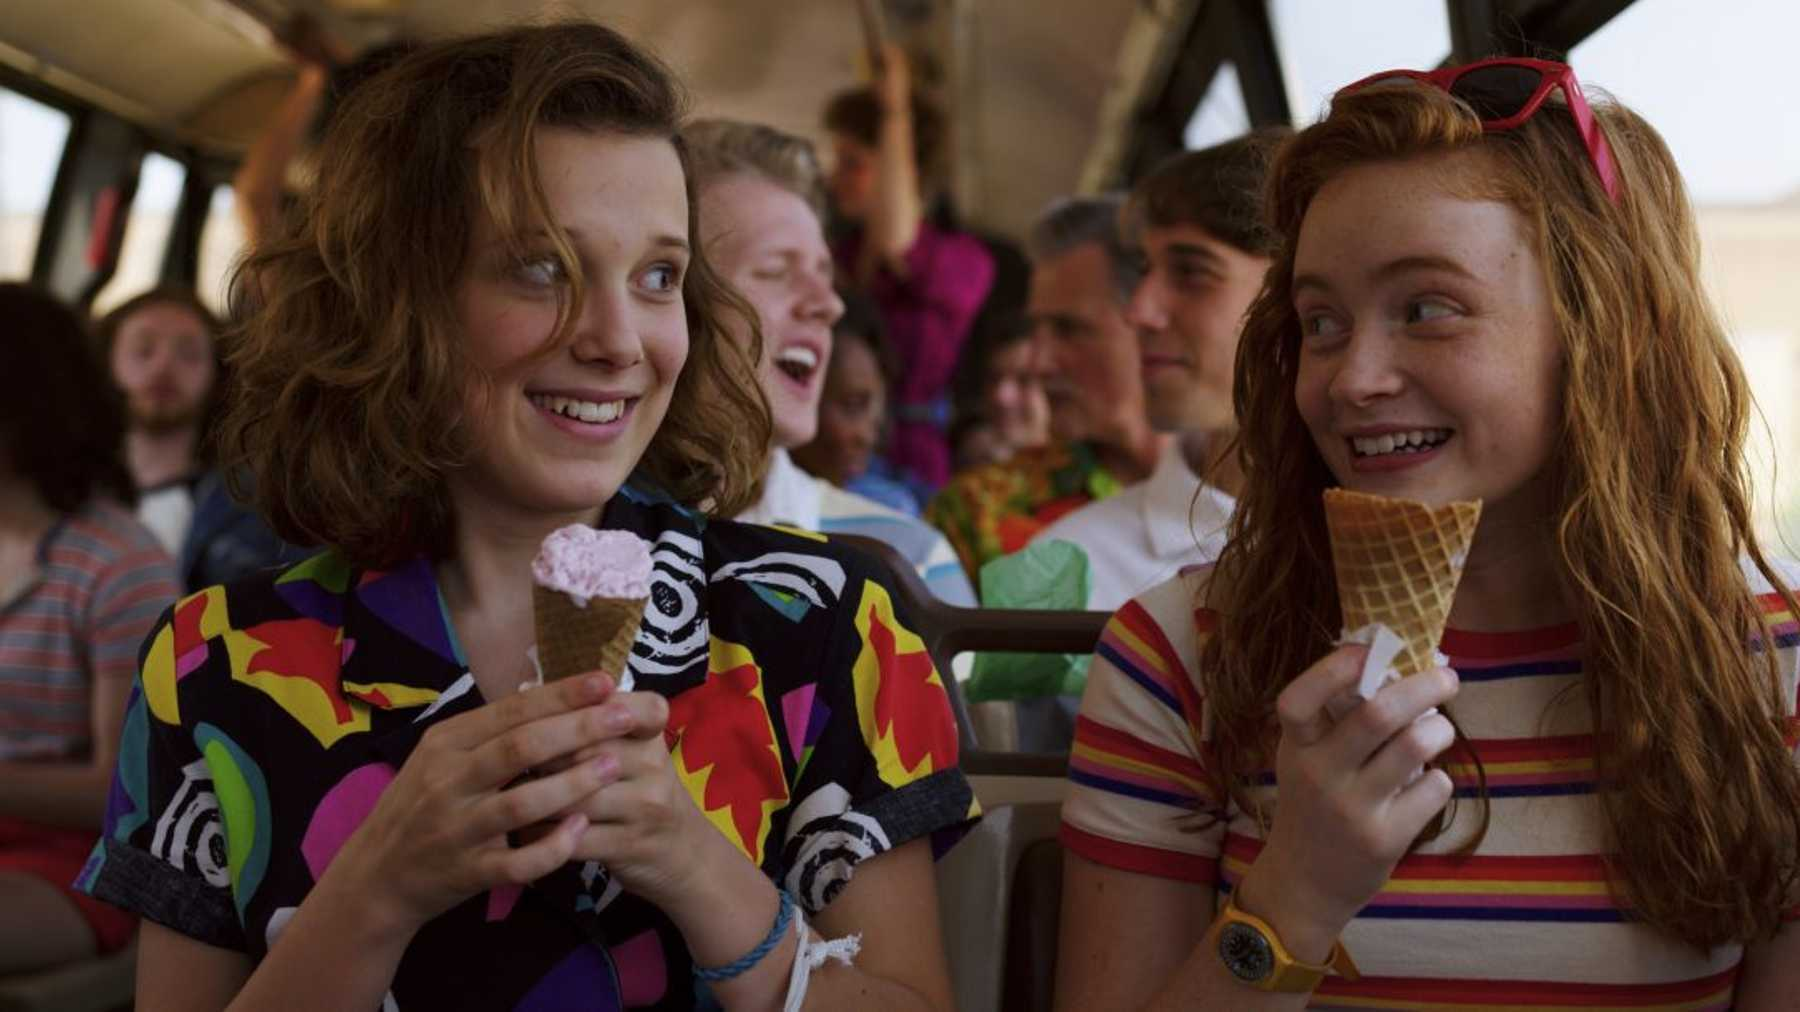 Tíz popkult utalás, amelynek szerepelnie KELL a Stranger Things negyedik évadában